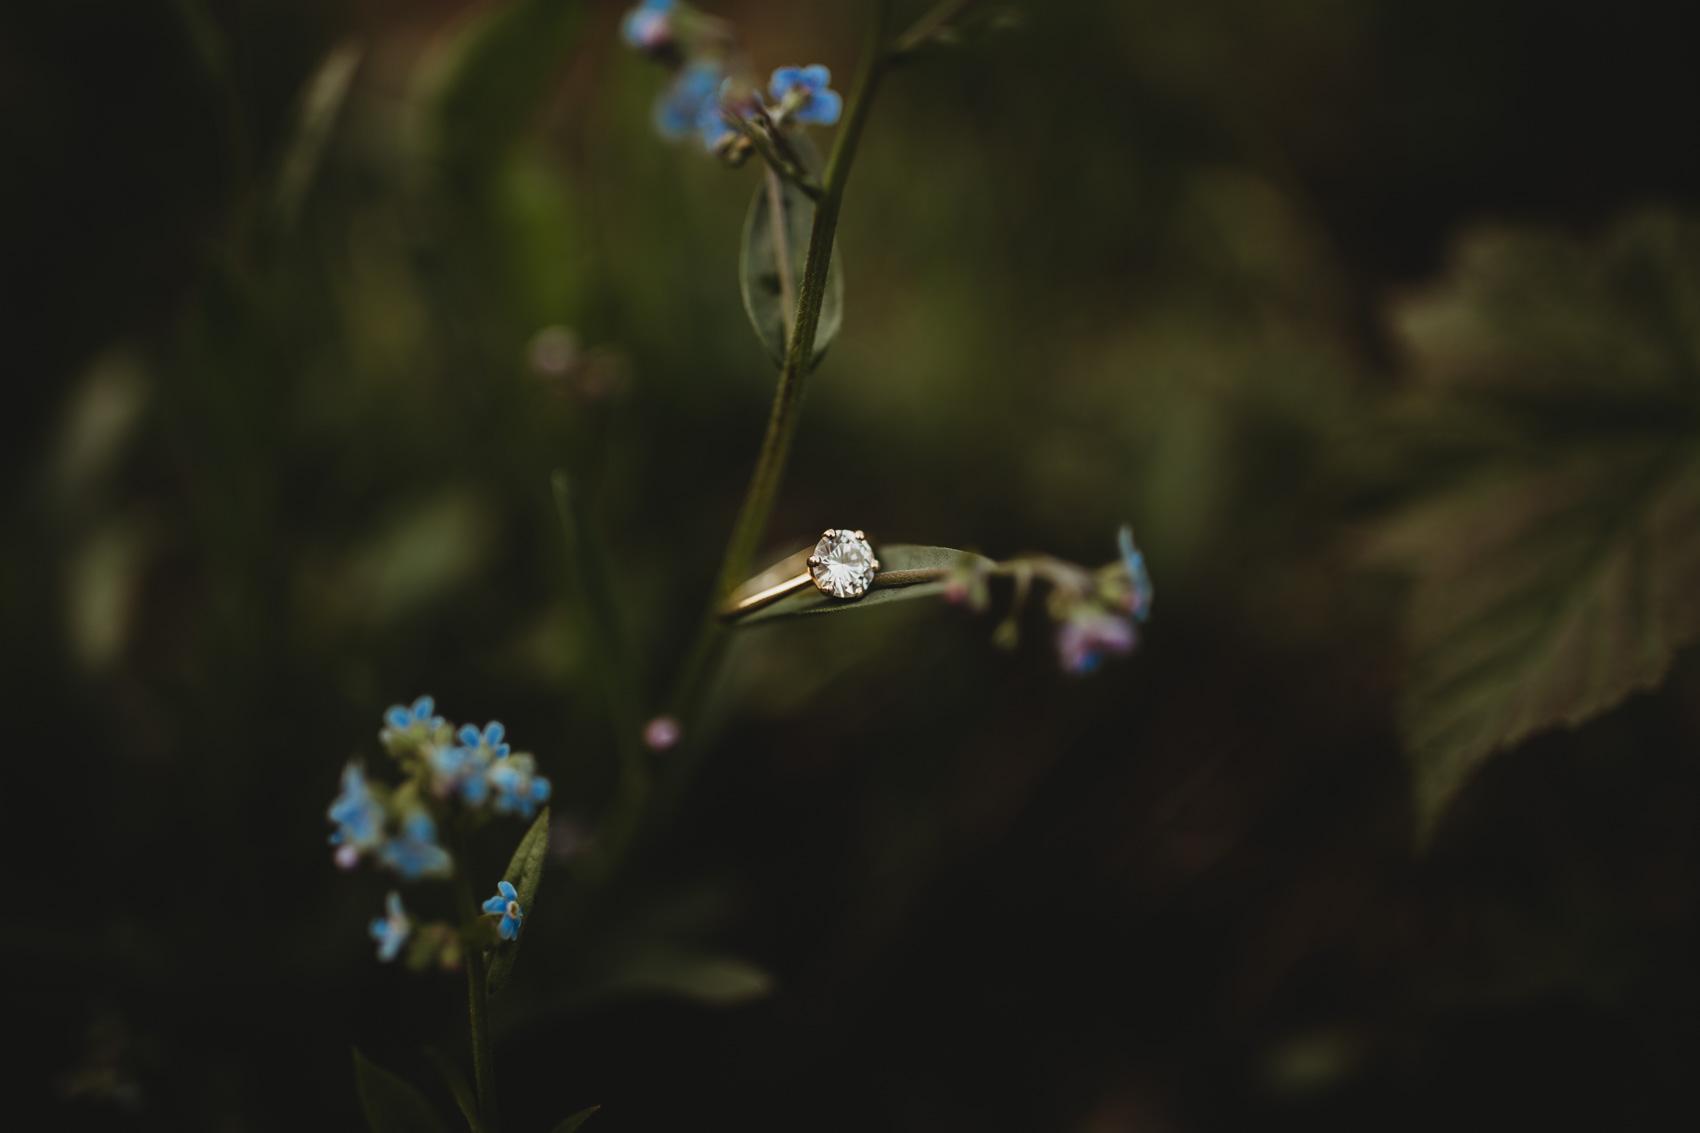 marah-doug-great-falls-montana-engagement-photographer-27.jpg